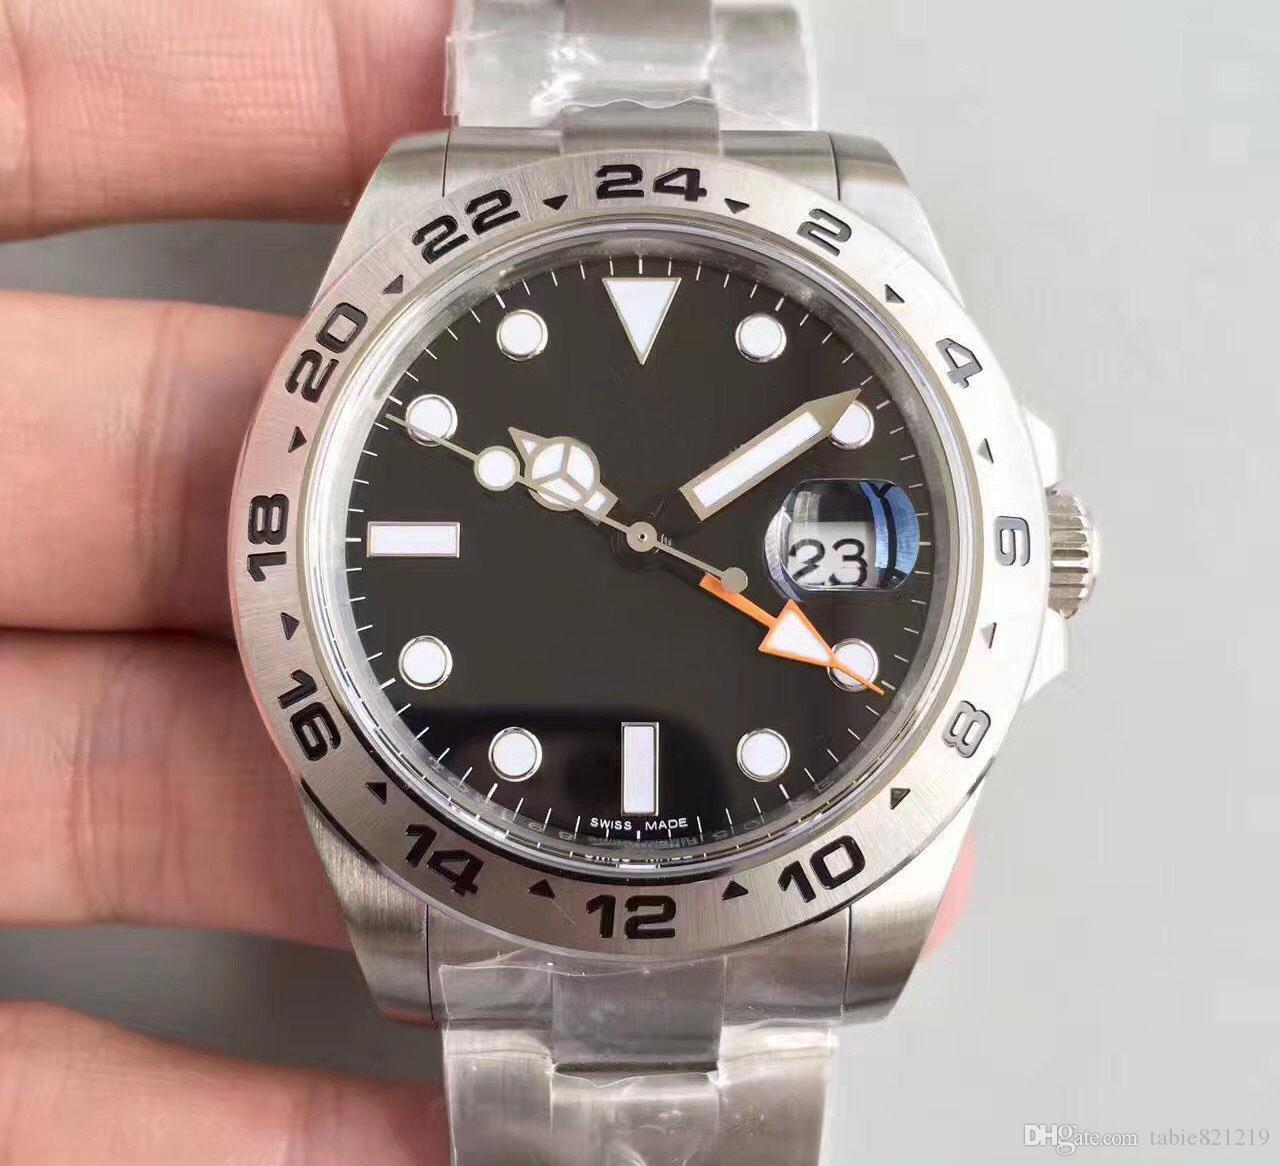 Высокое качество Tabie821219 Популярные часы ROL 316 Steel Black Sapphire 40 мм 316 216570 с циферблатом GMT Высокий браслет Exp Сталь Качество WAT IKEC